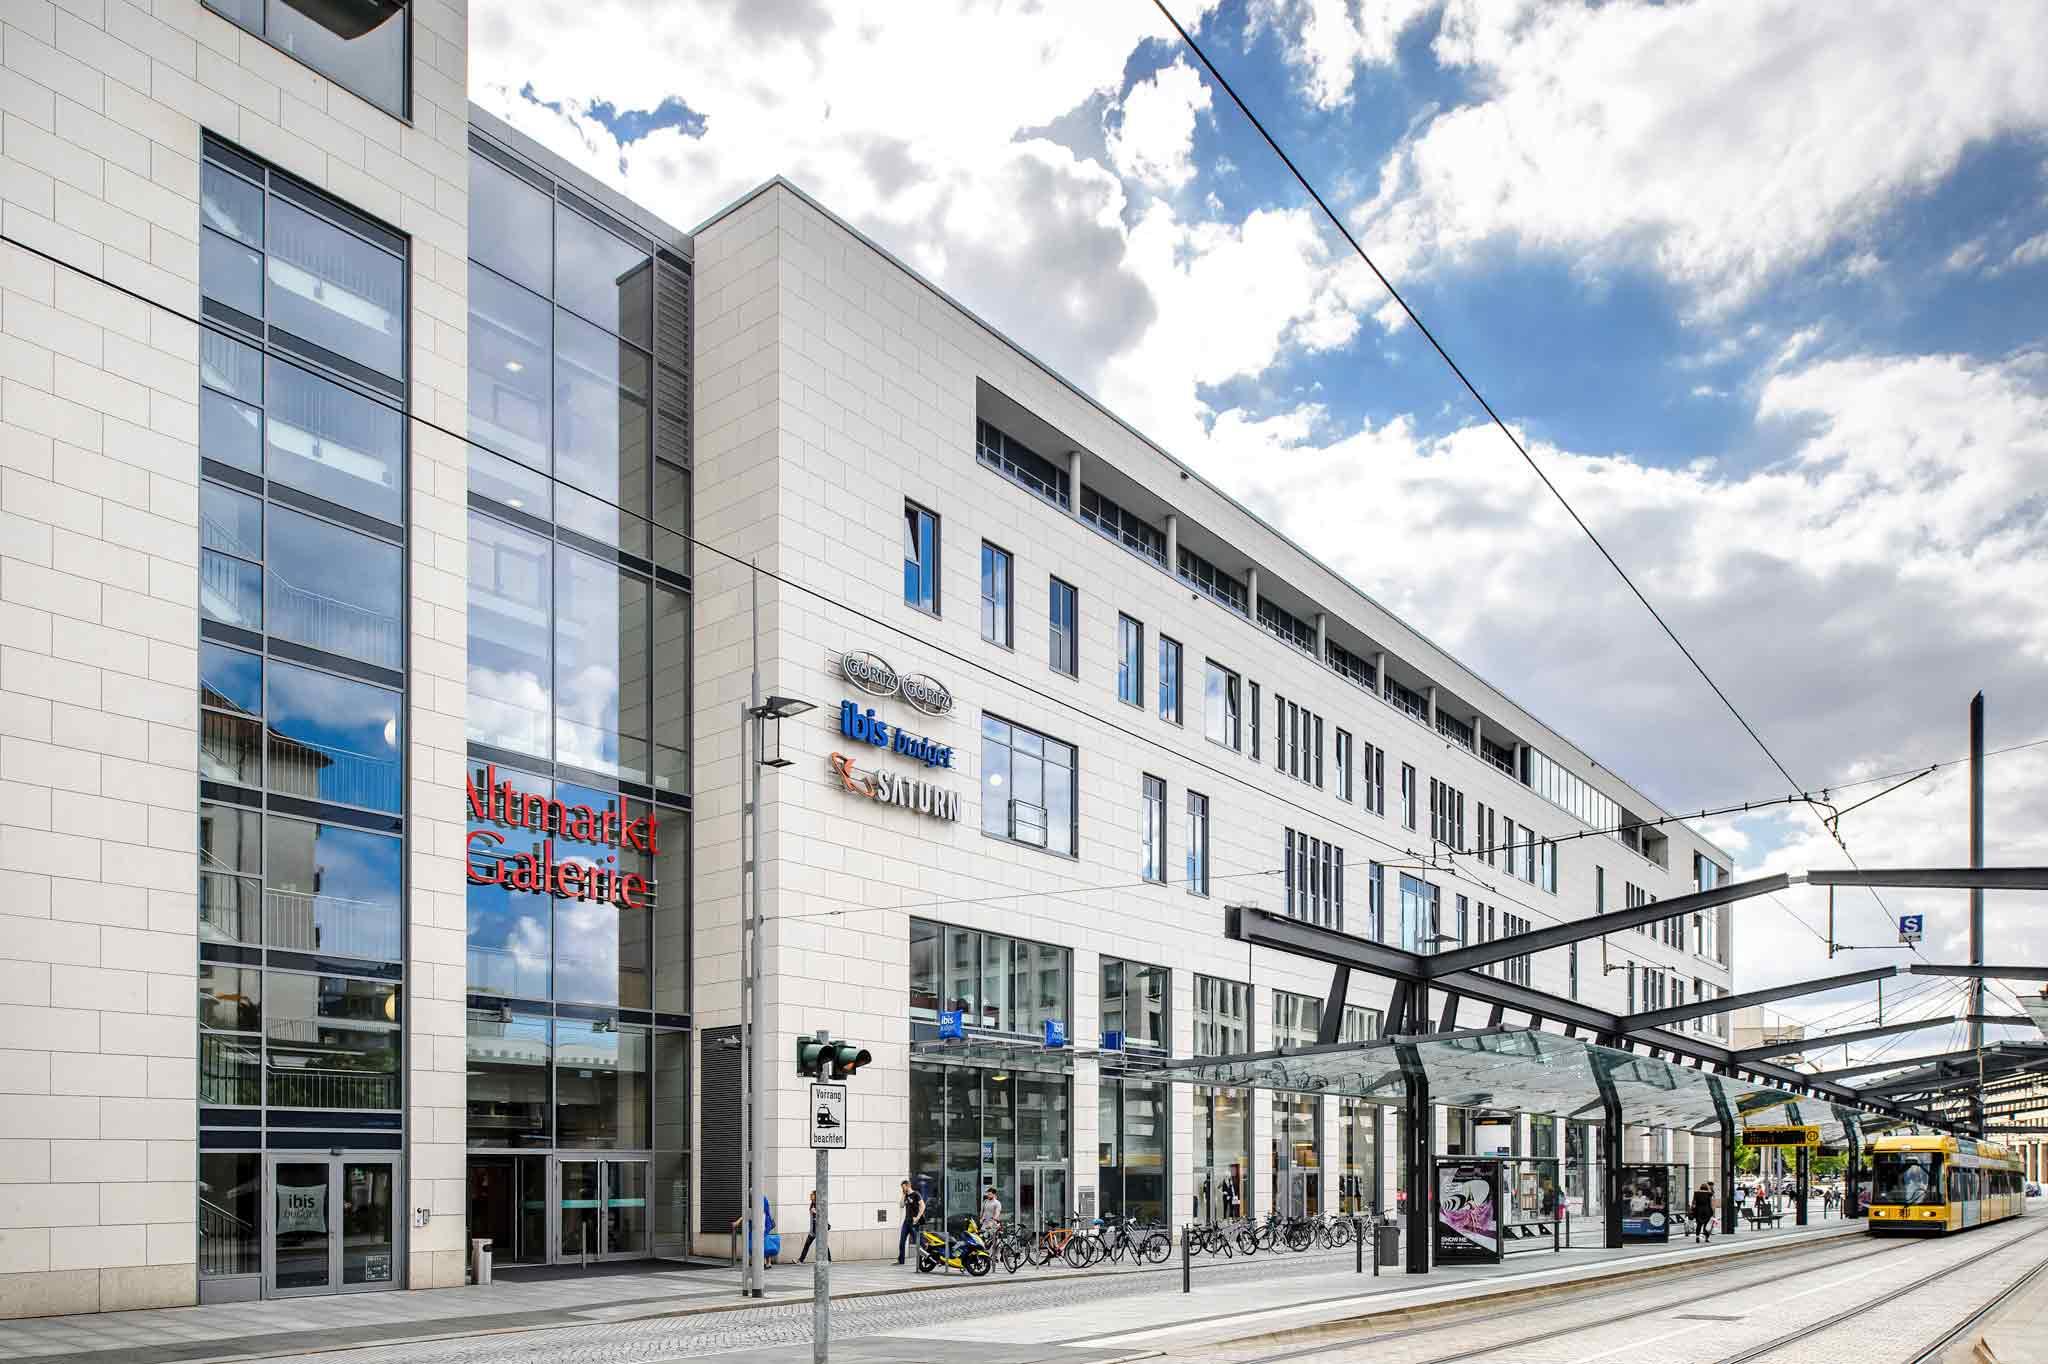 酒店 – ibis budget 德累斯顿城市酒店